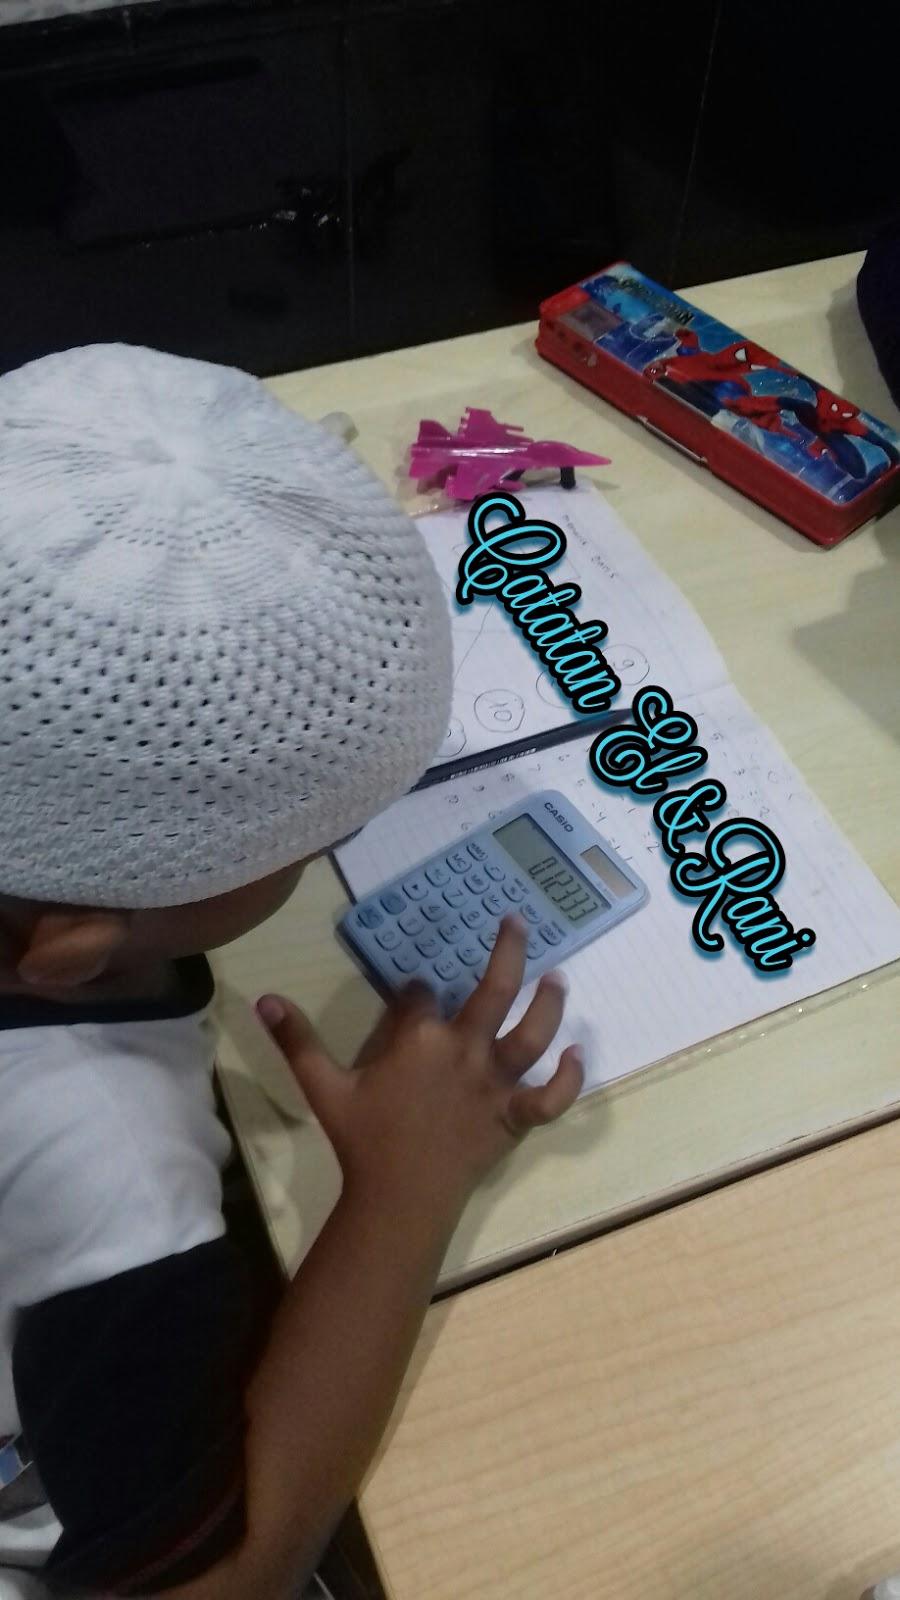 Casiomystyle Belajar Berhitung Bersama Membuat Anak Menjadi Lebih Casio Colorful Calculator Sl 310uc Orange My Style